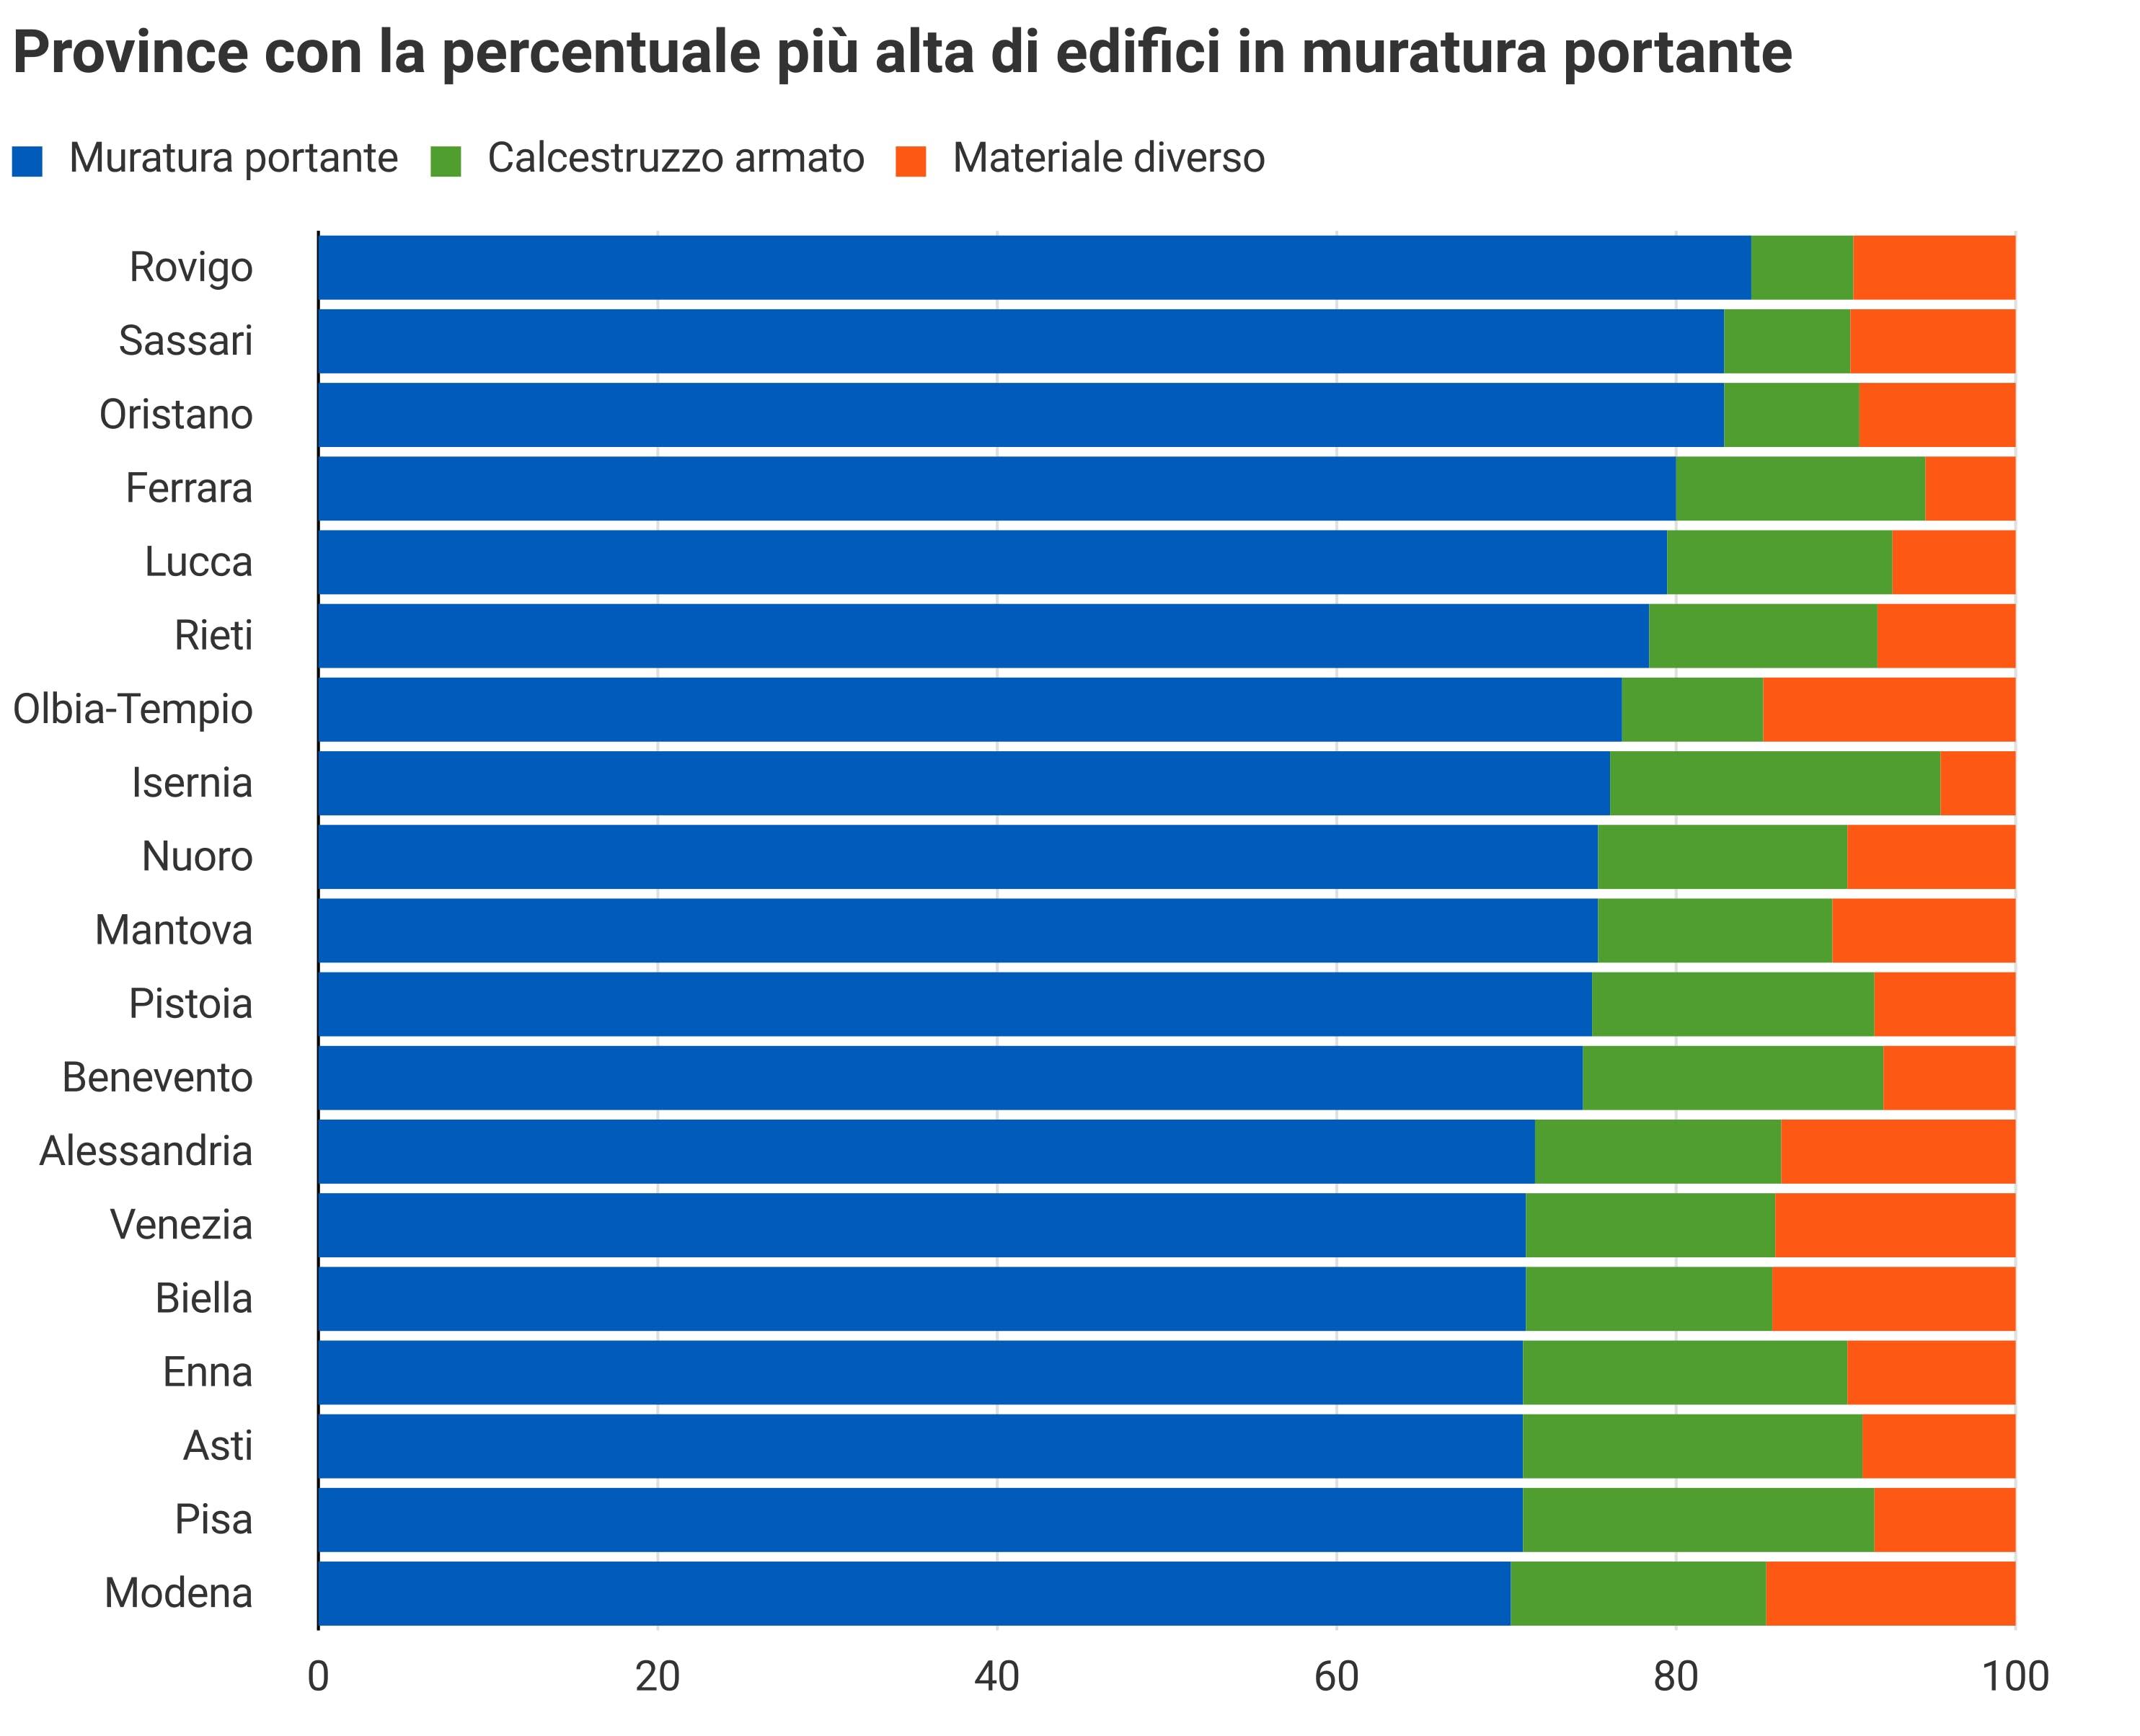 Province con alta percentuale edifici in muratura portante